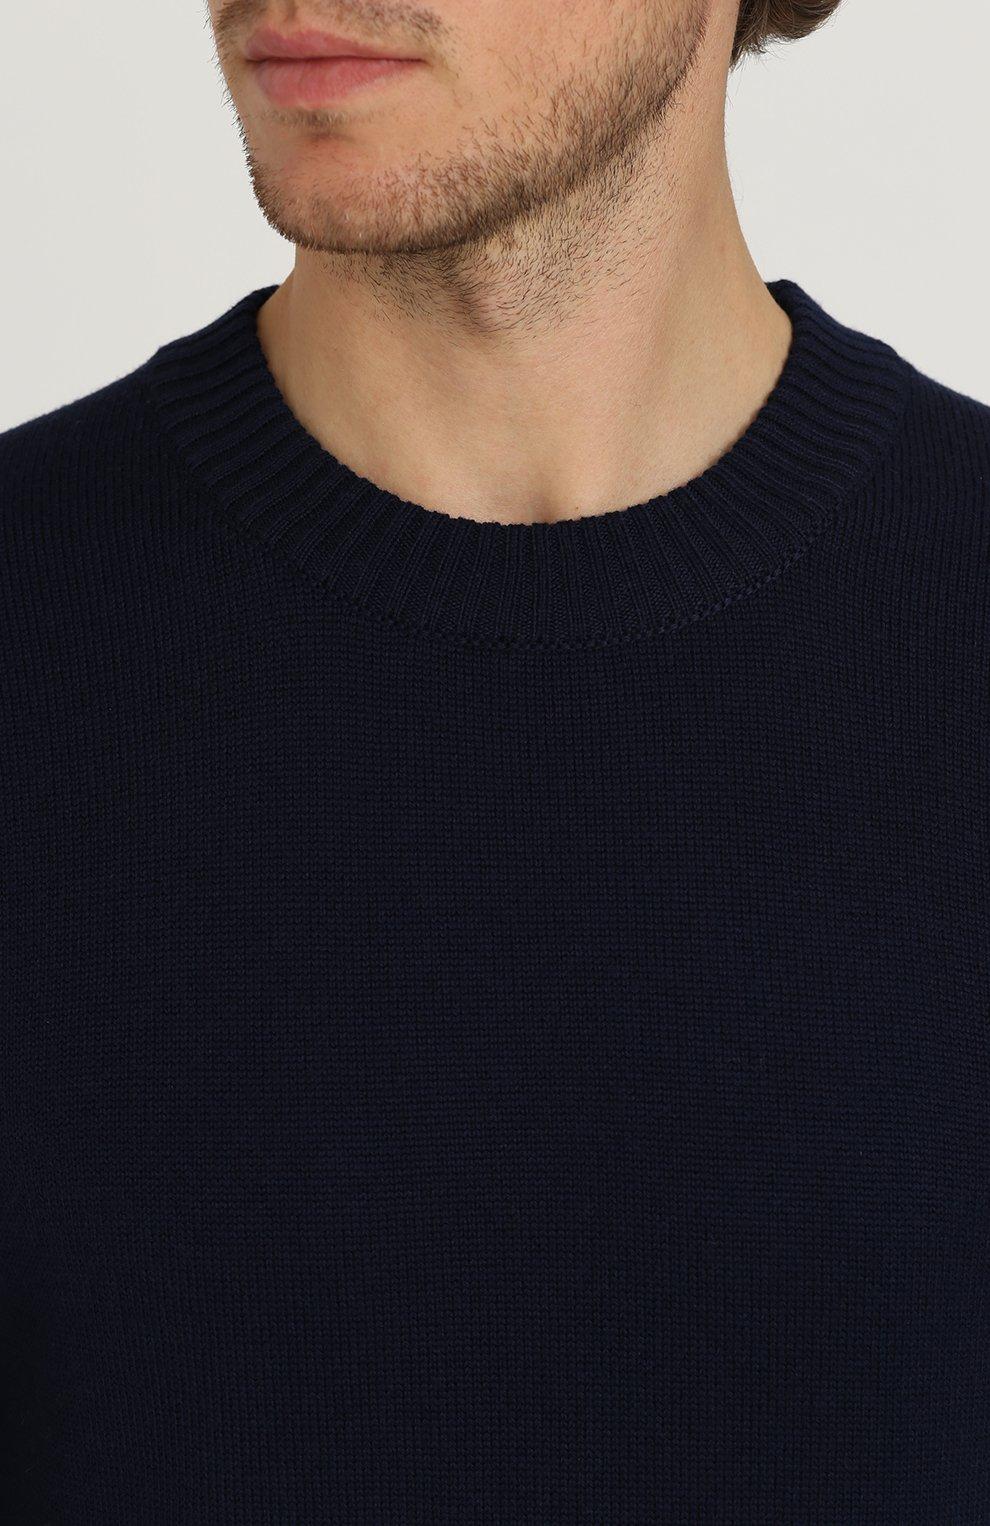 Шерстяной однотонный джемпер Dolce & Gabbana синий | Фото №5